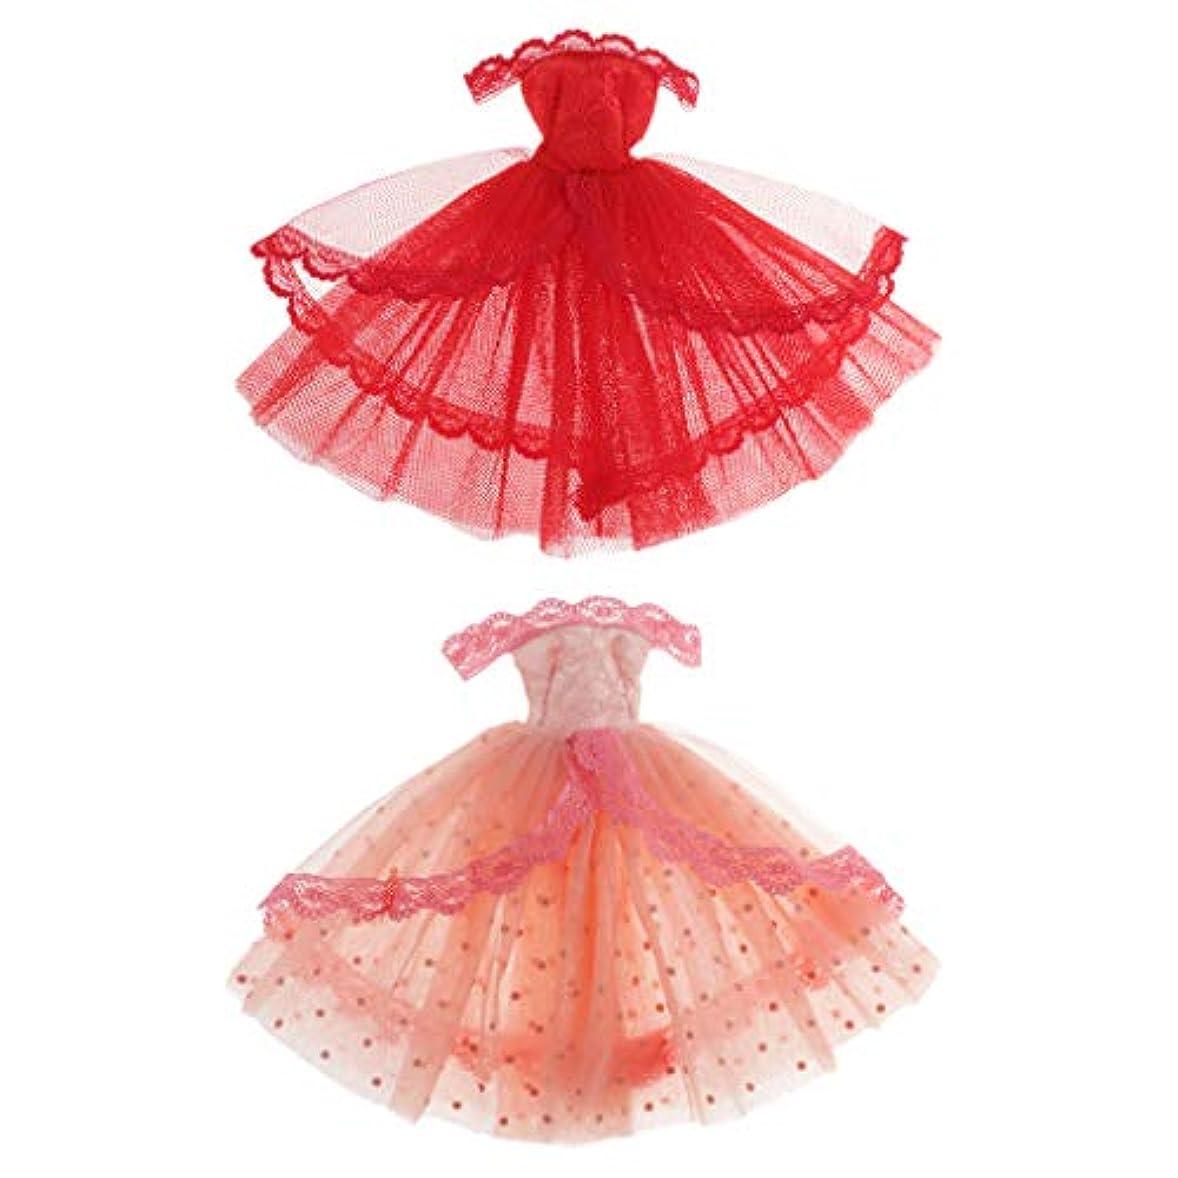 ビット最適反対するfreneci 1/6ブライスBJDドール用 ドレス ショルダーレースドレス かわいい 装飾 人形アクセサリー ギフト 2個入り